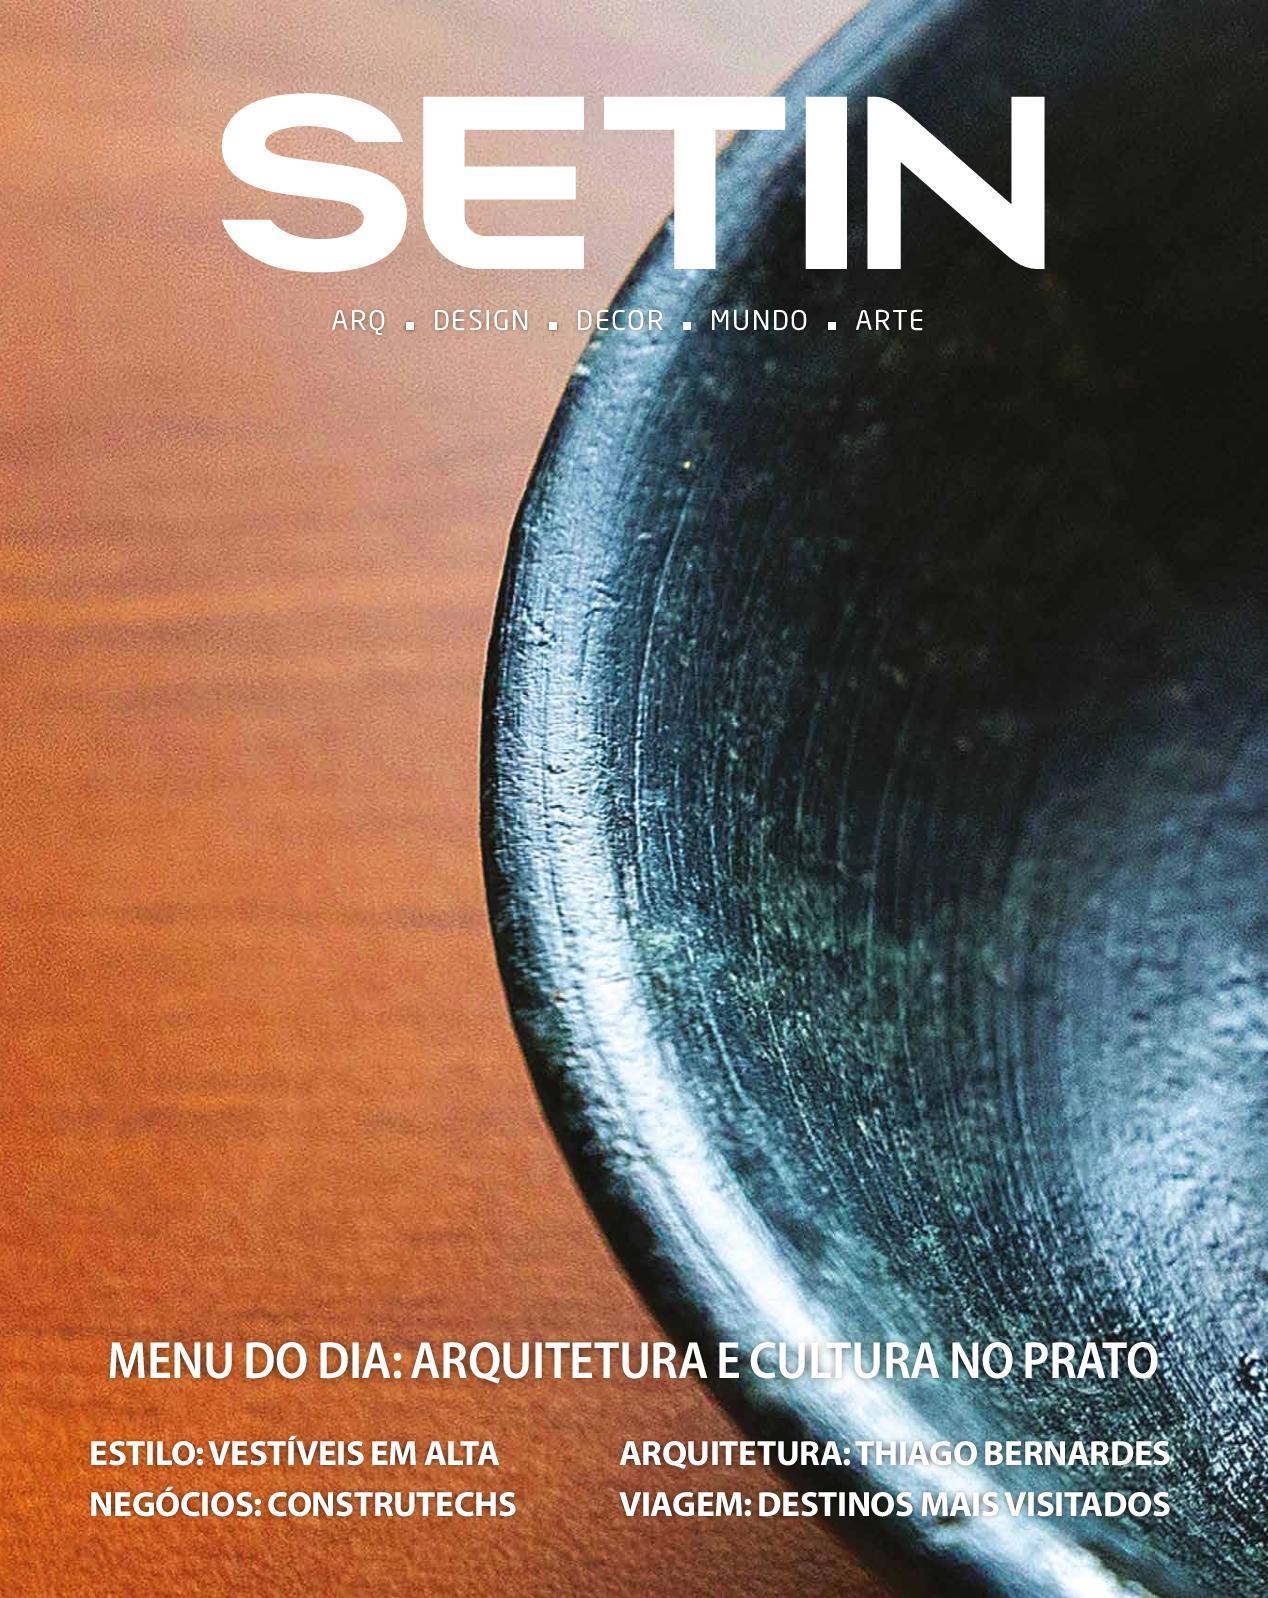 Calaméo - Setin 10 Completa Versão Web 94262c04e5